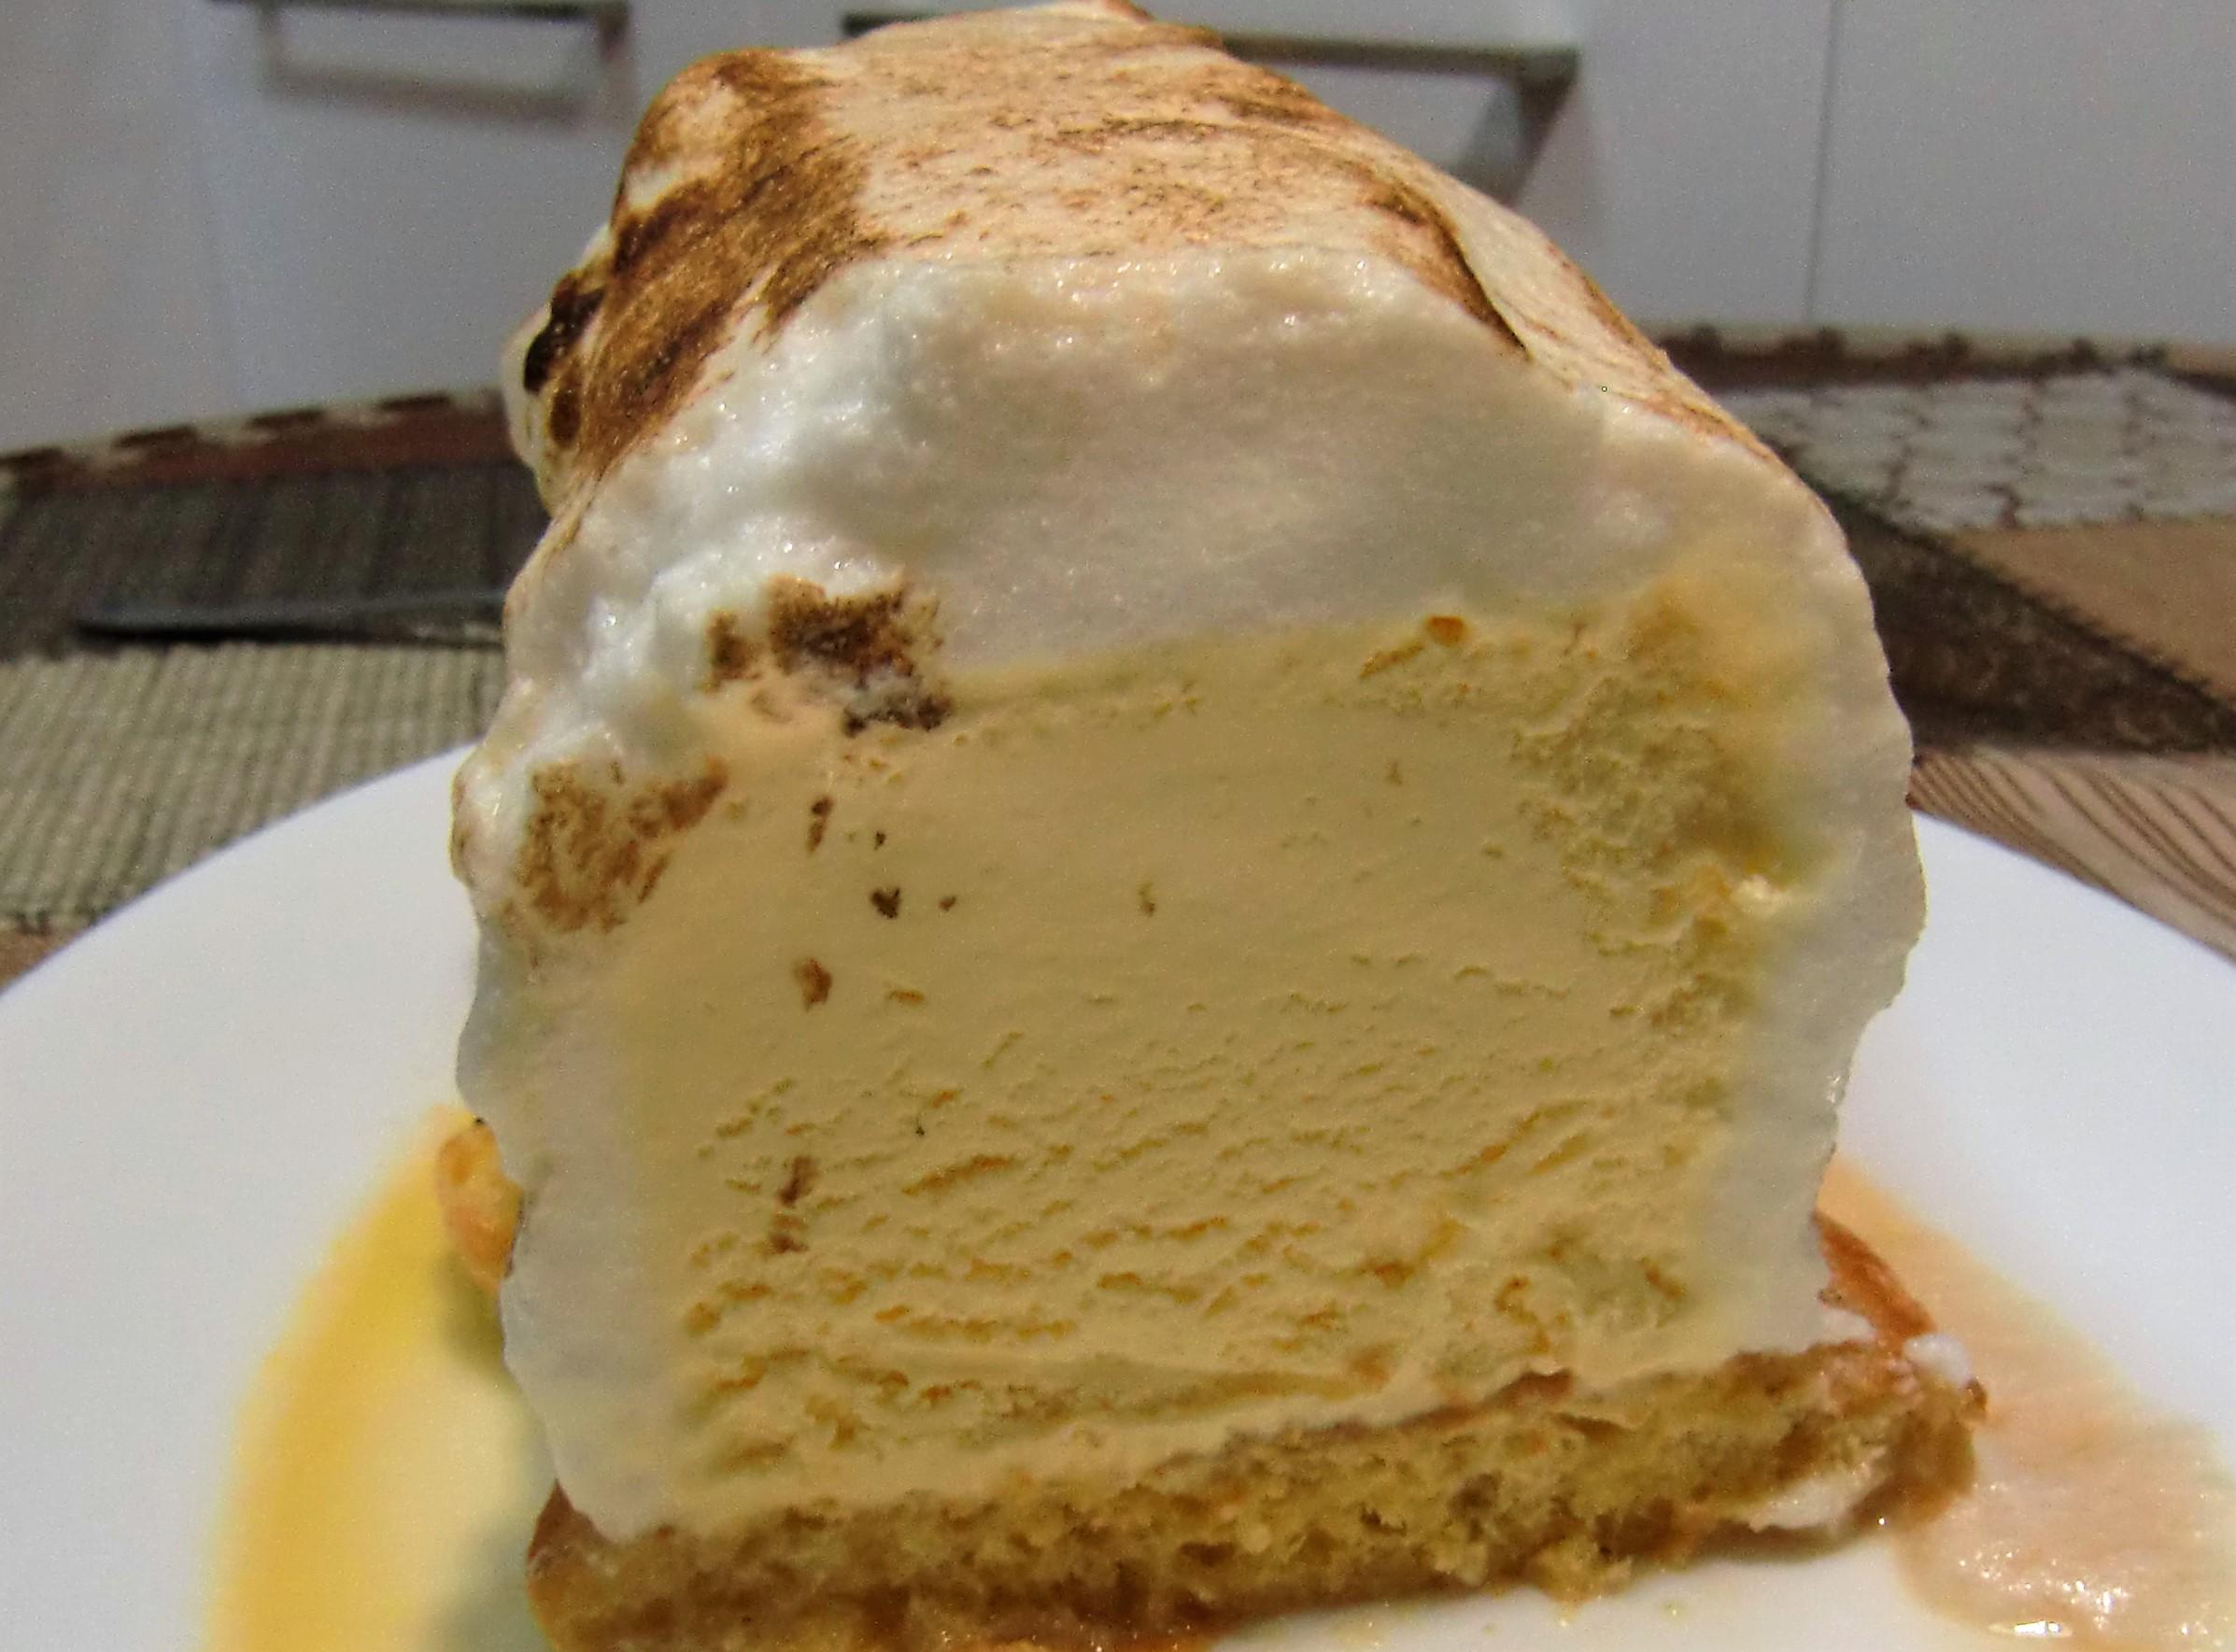 Soufflé de helado